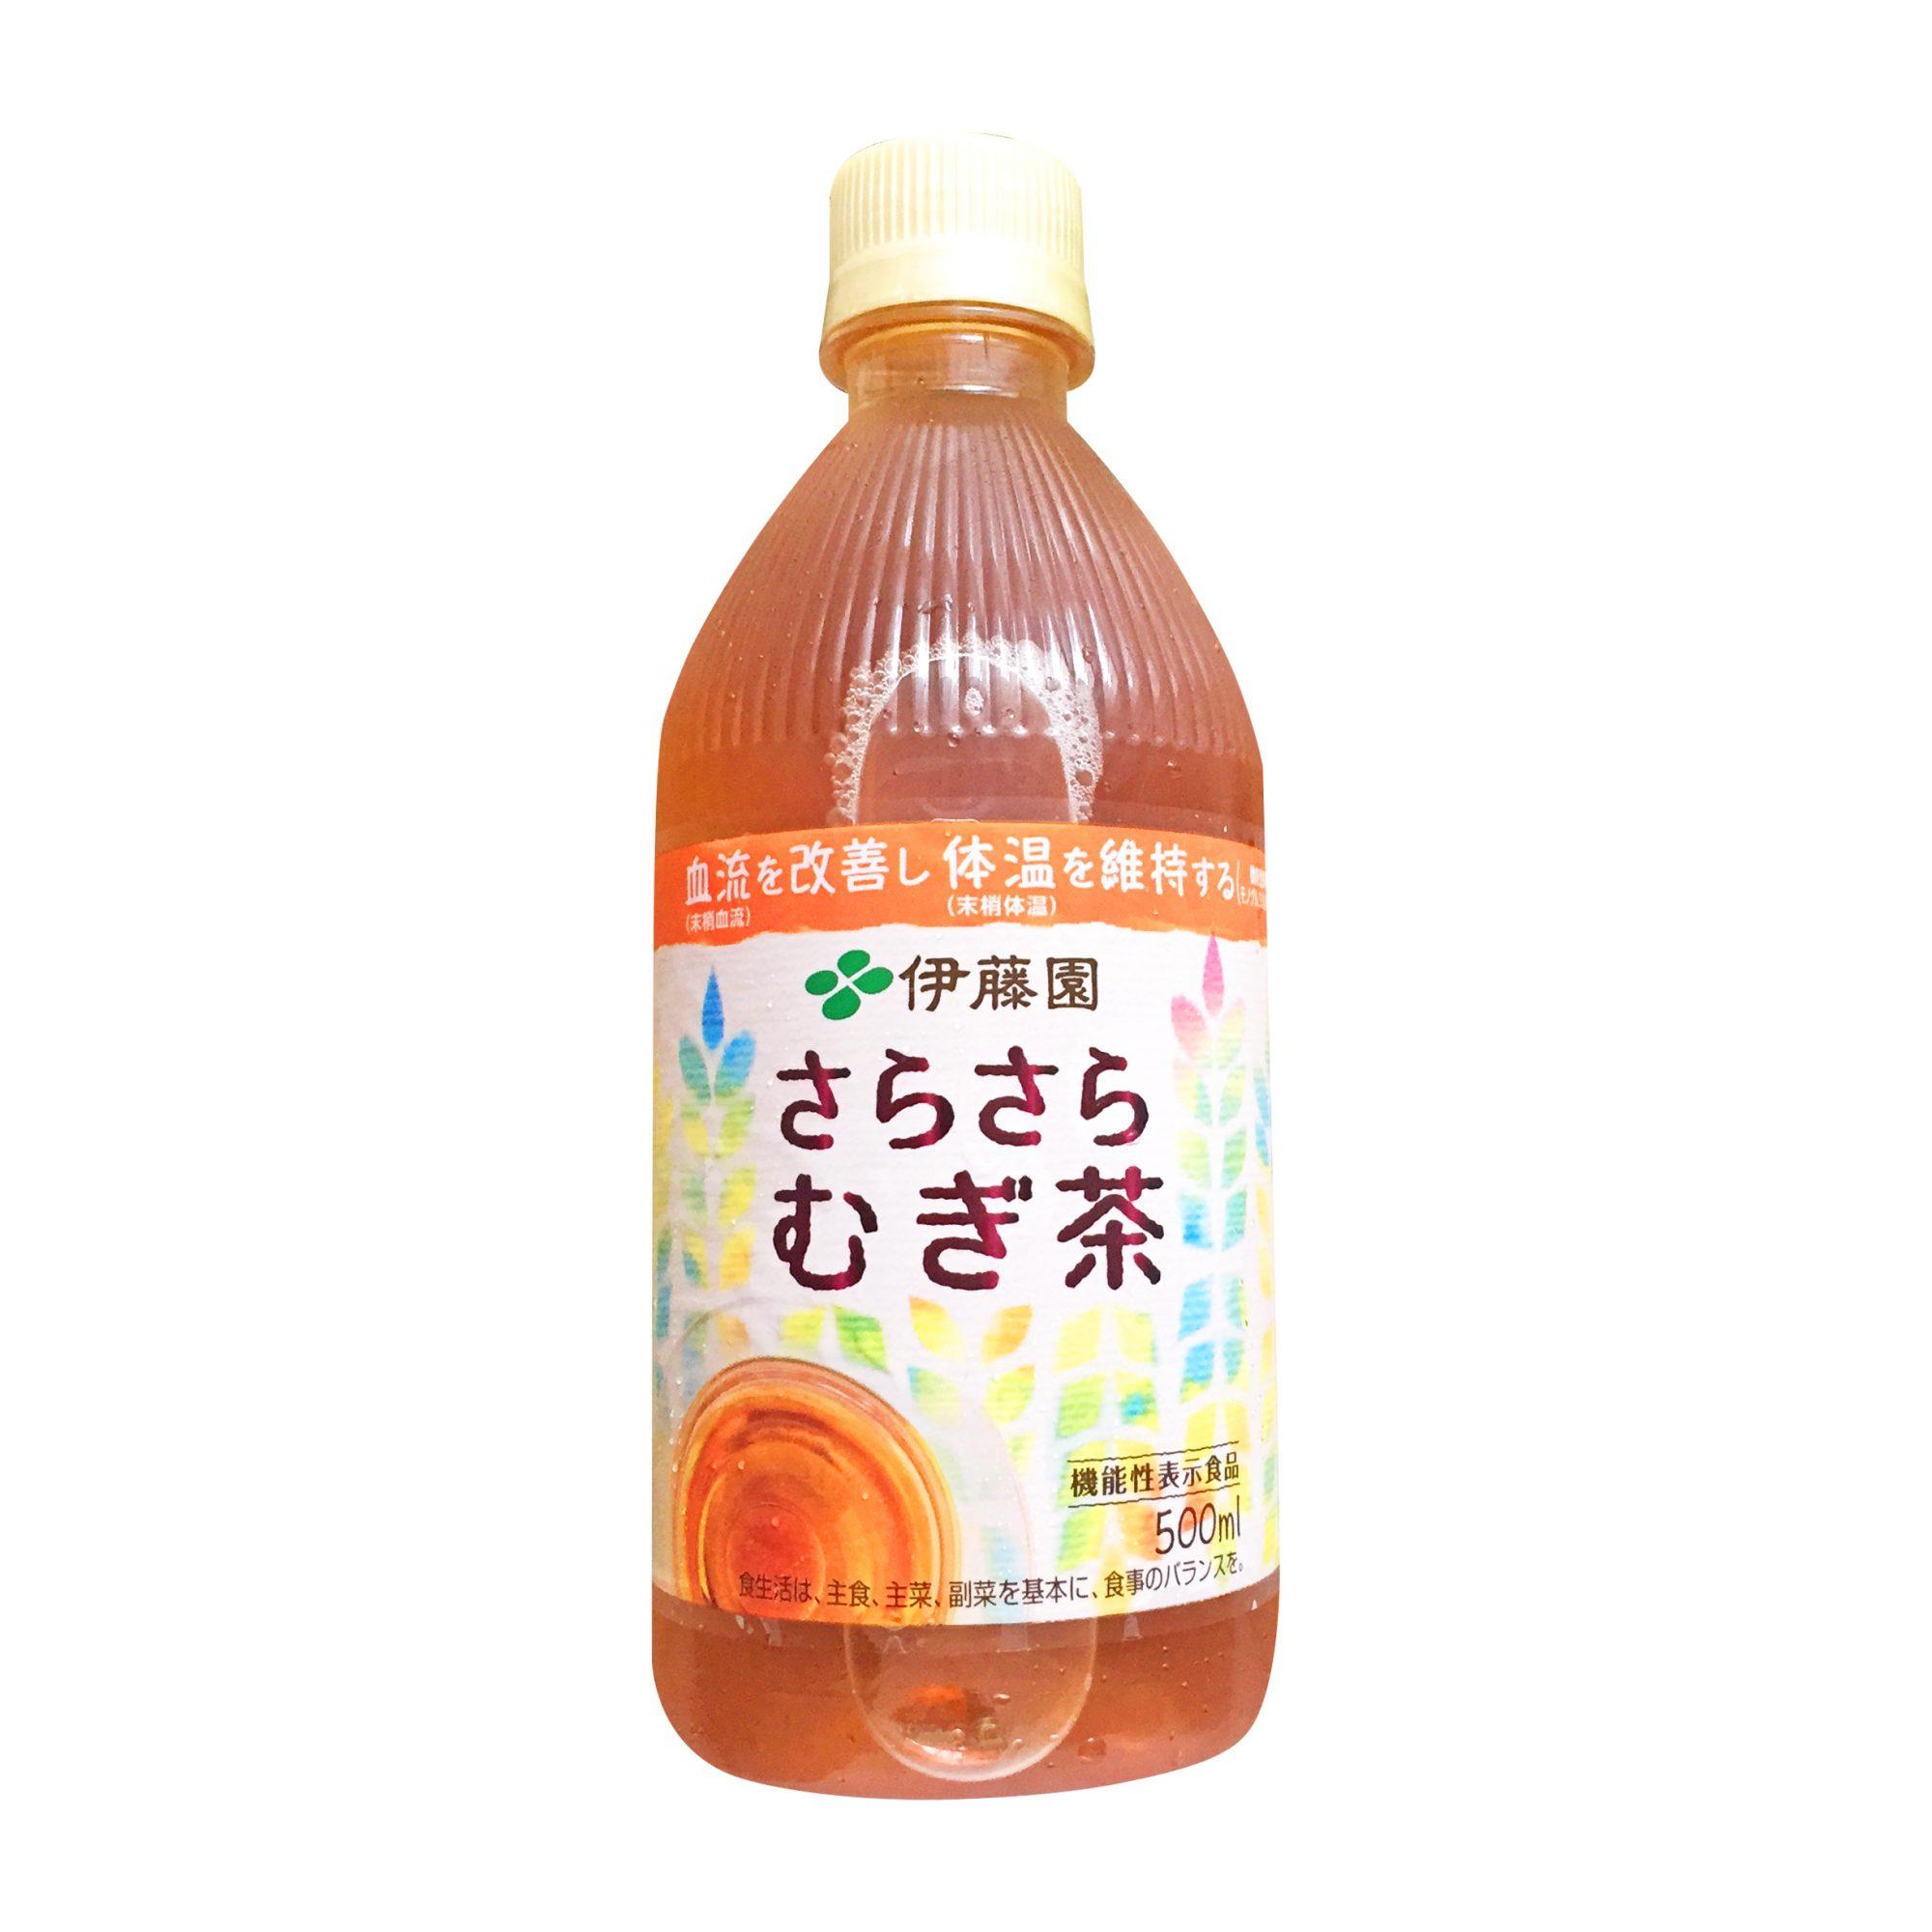 伊藤園『機能性表示食品 さらさらむぎ茶 PETボトル 500ml』は香ばしさと飲みごたえのある美味しい麦茶に身体に優しい機能もプラス!プライチお得情報も◎